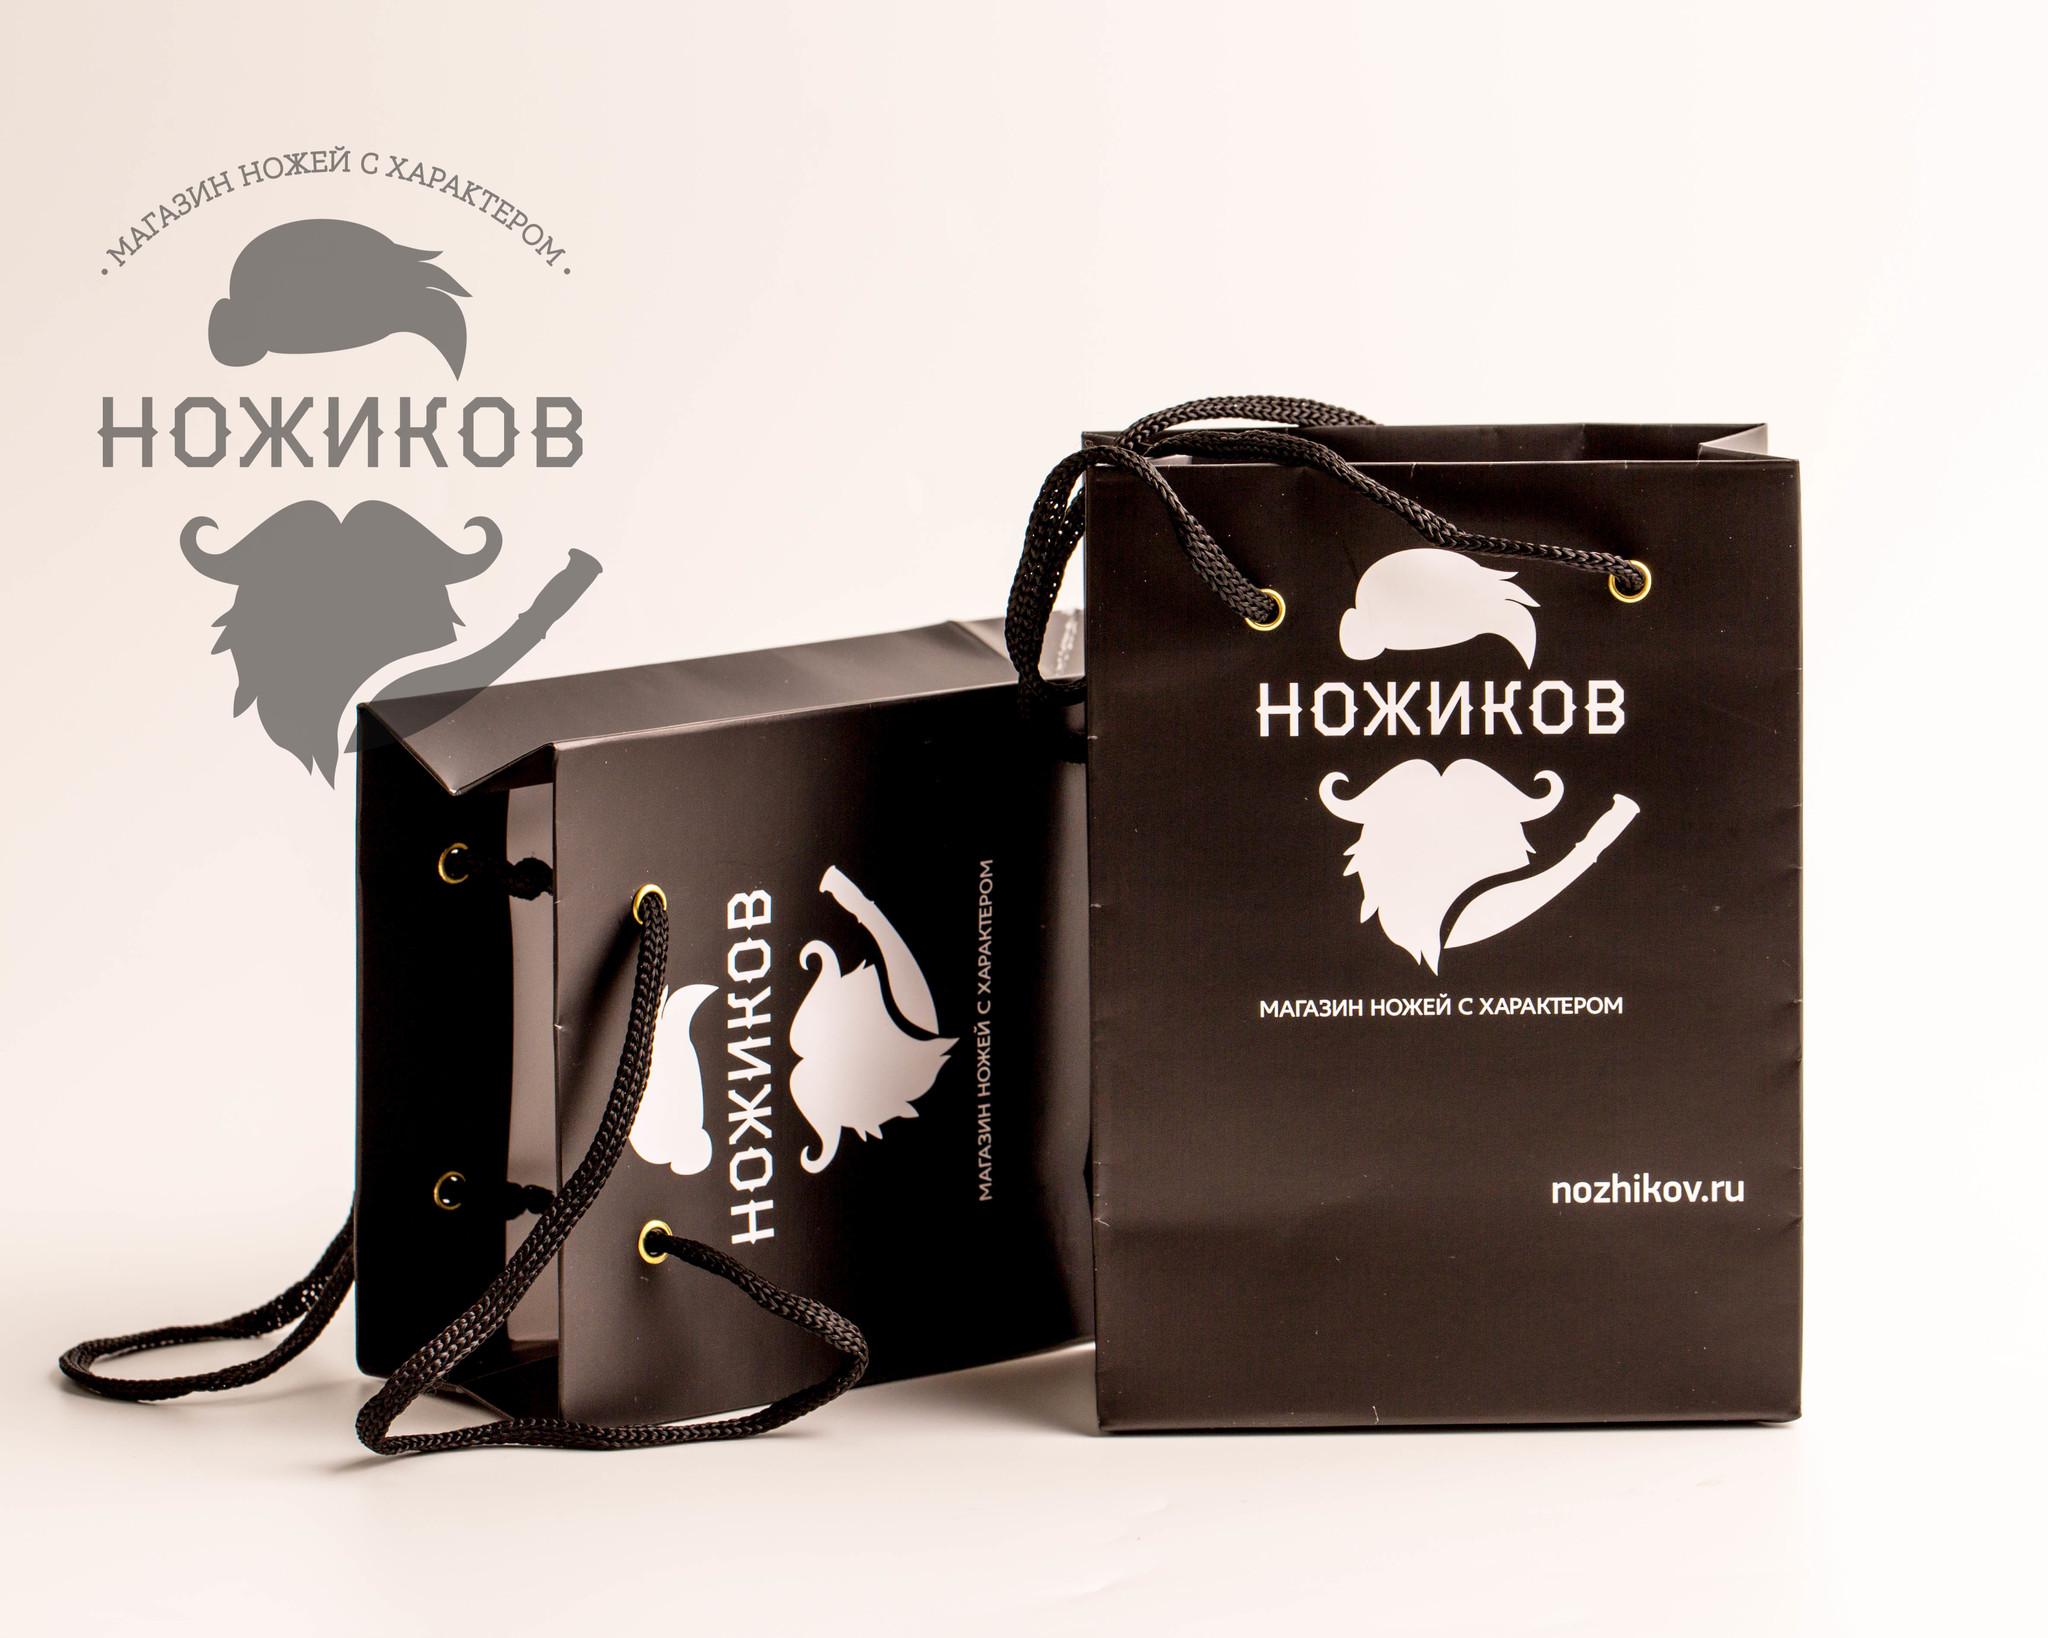 Фото 5 - Подарочный пакет для складного ножа от Nozhikov